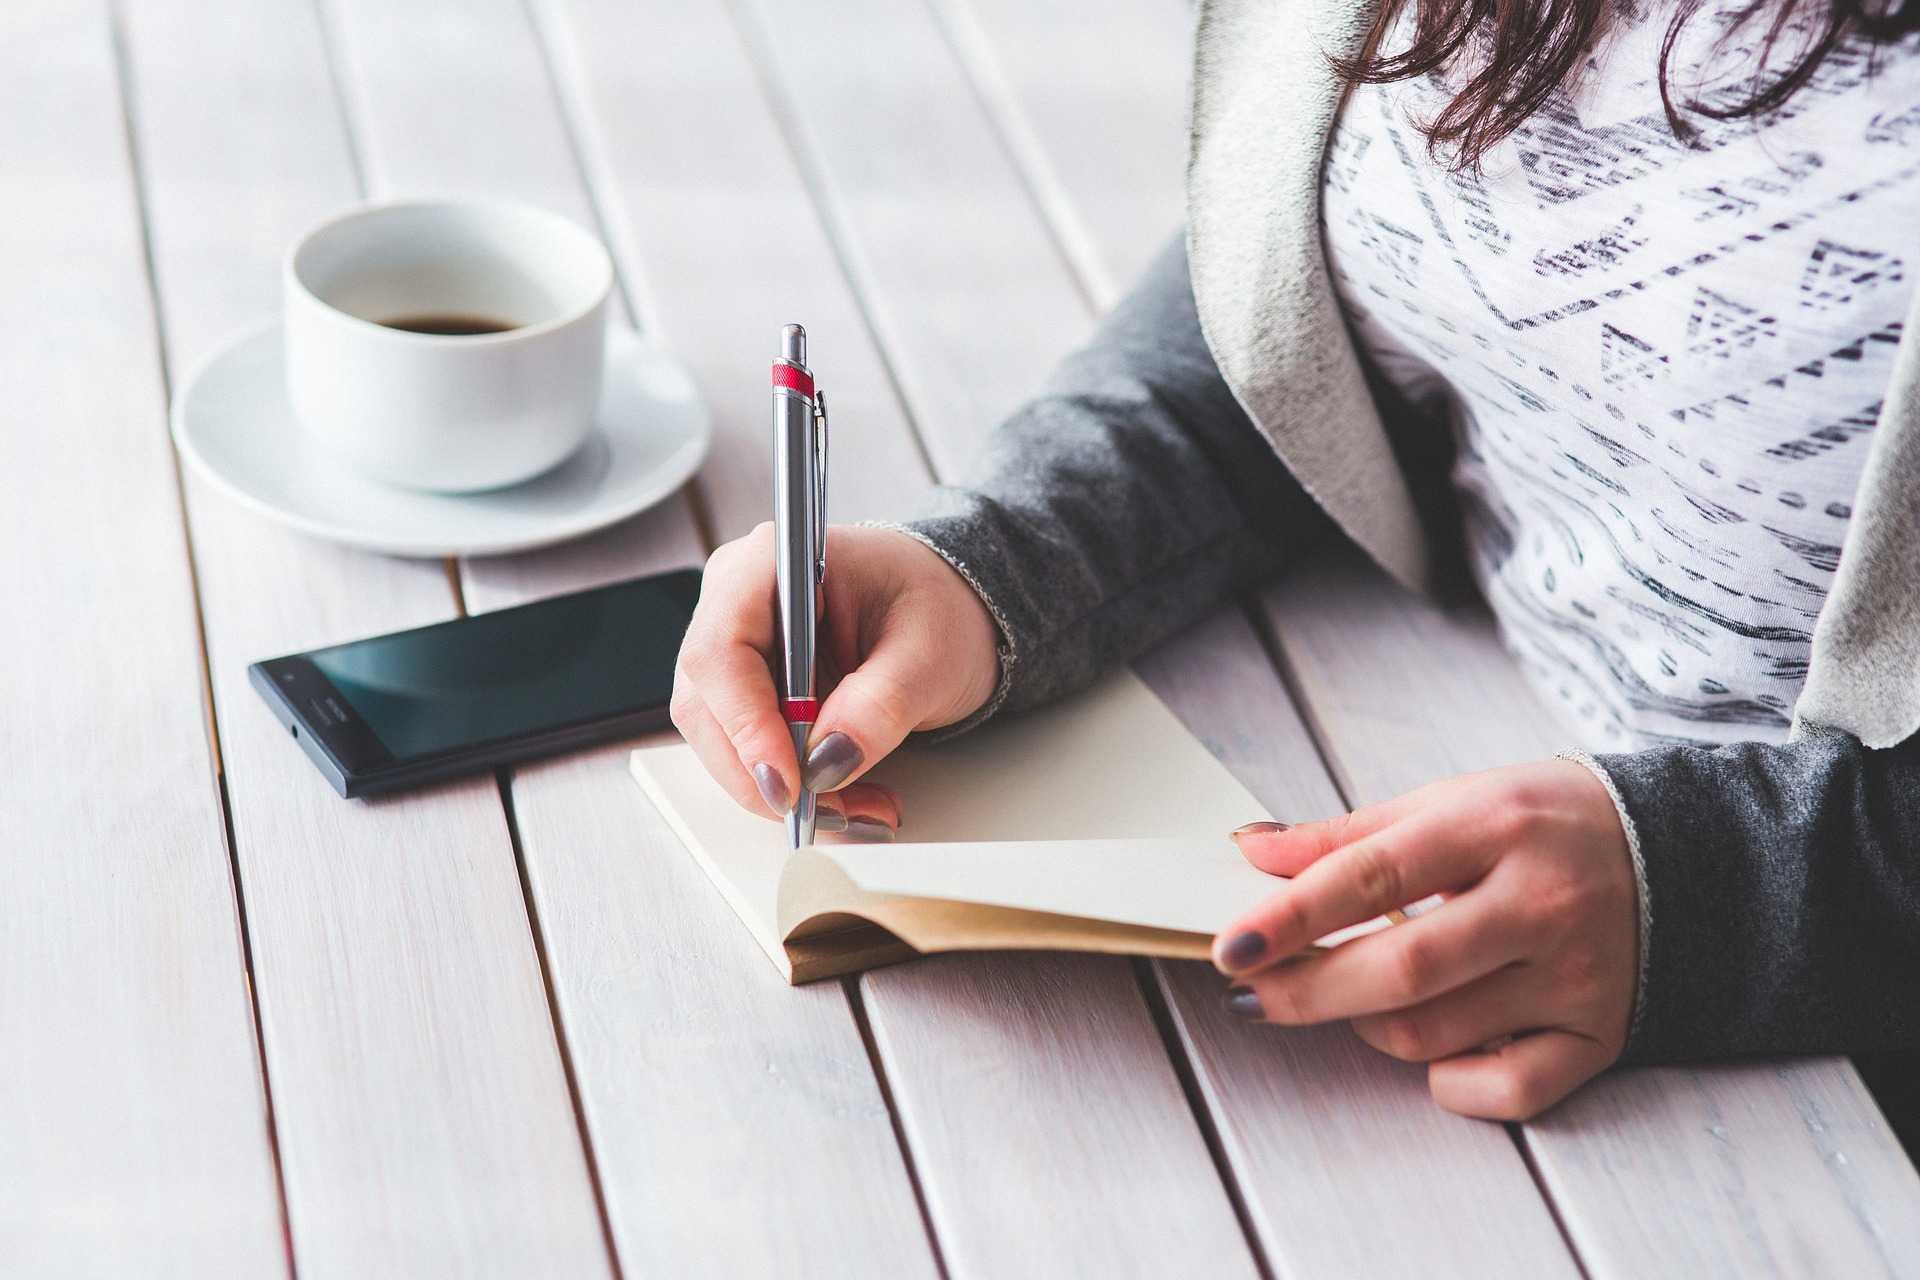 מכללת כרכור | מהי כתיבה טיפולית עבורי? רשמים מלימודי כתיבה יצרתית טיפולית